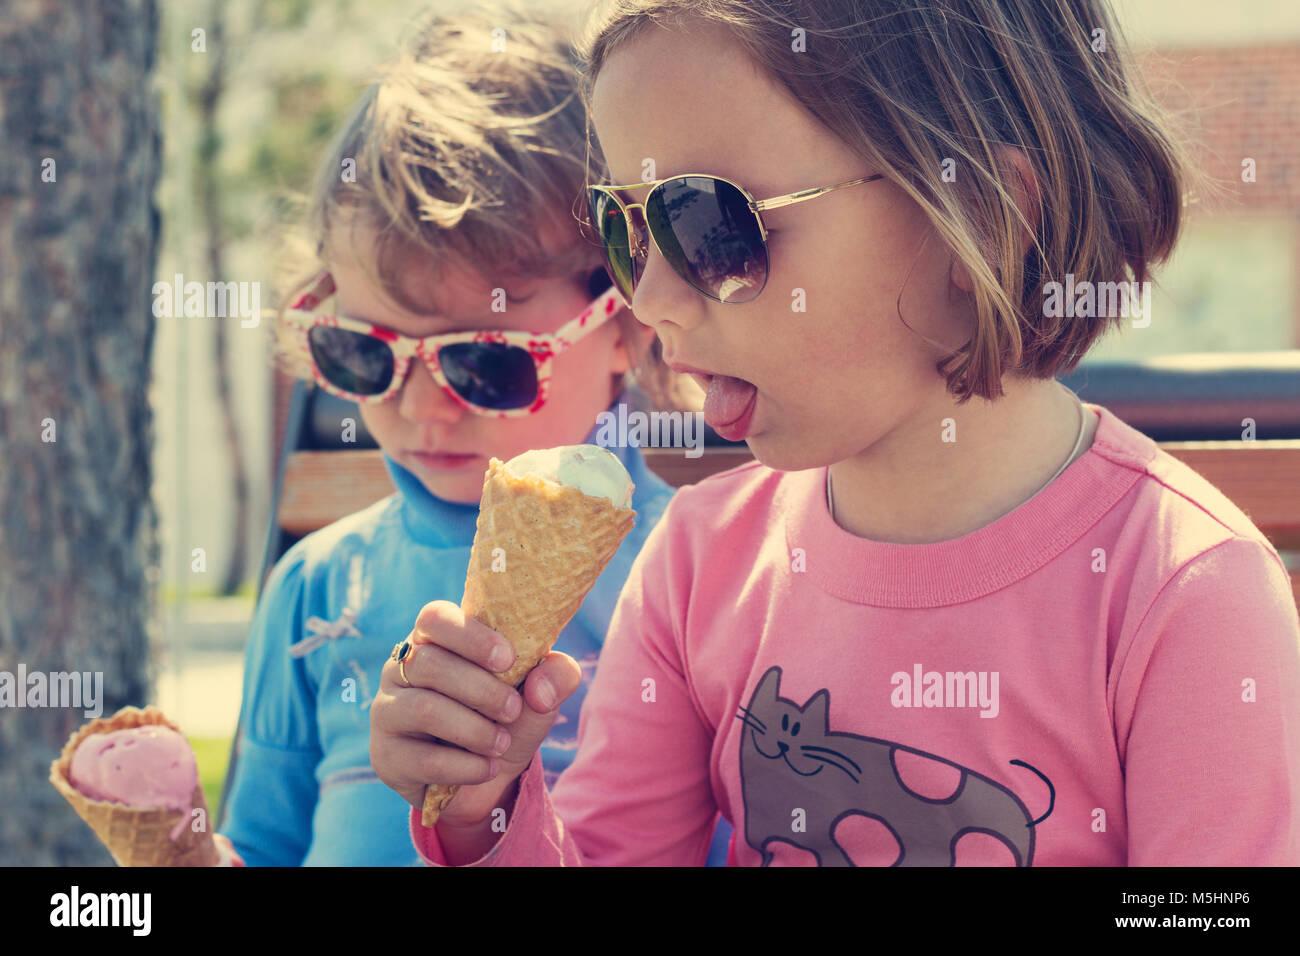 Due bambine (suore) a mangiare il gelato. Immagini Stock